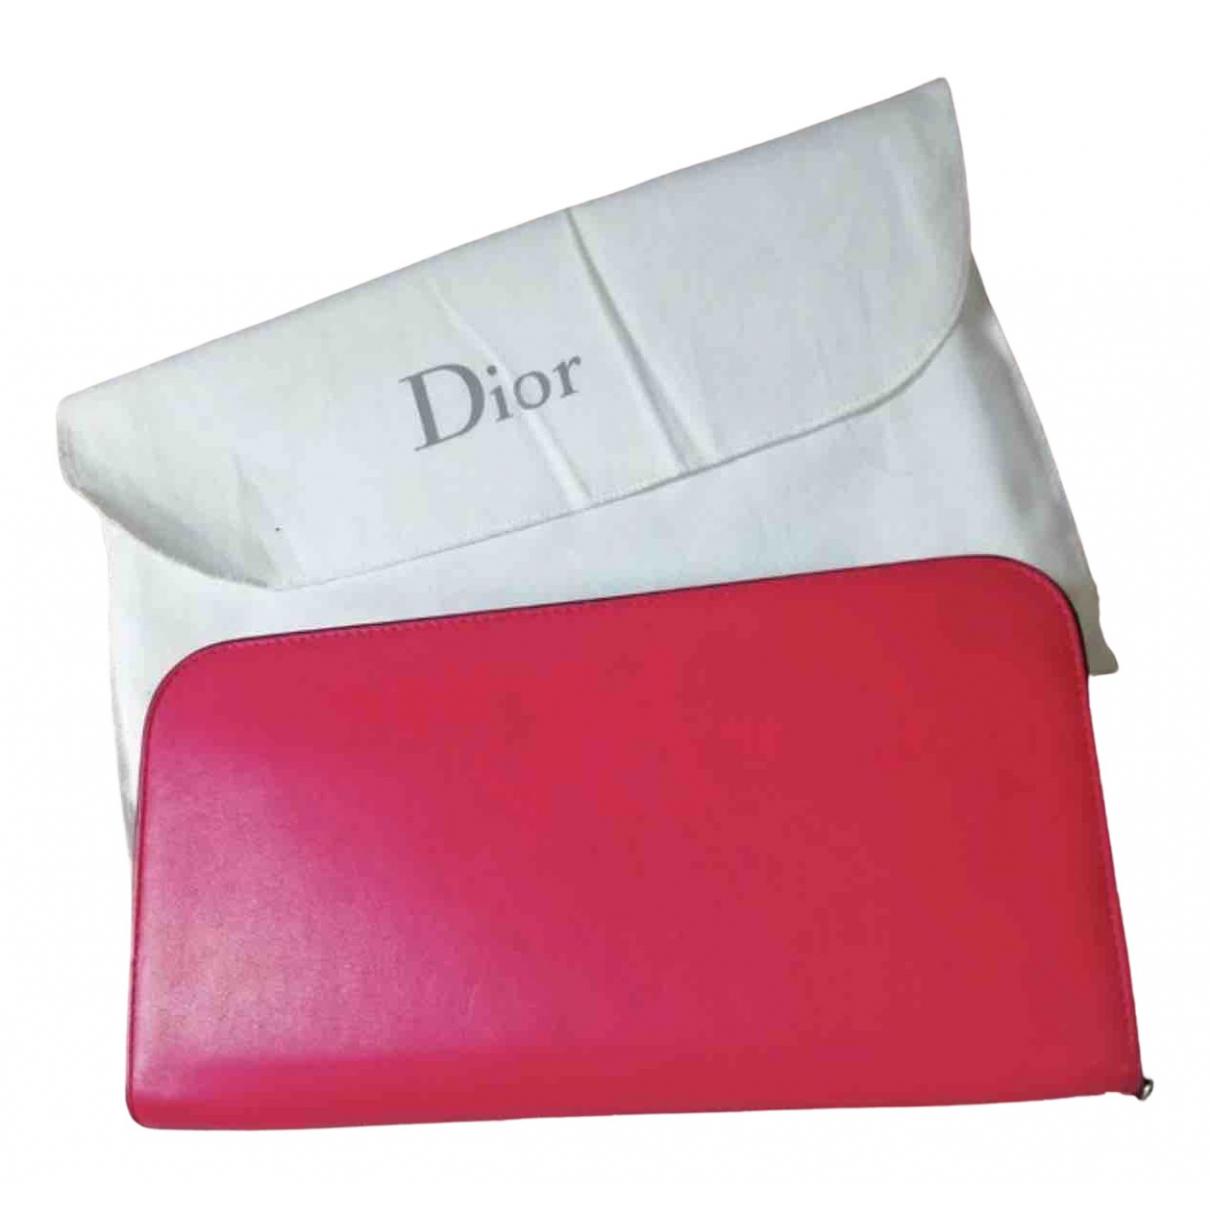 Dior - Portefeuille Diorissimo pour femme en cuir - rose